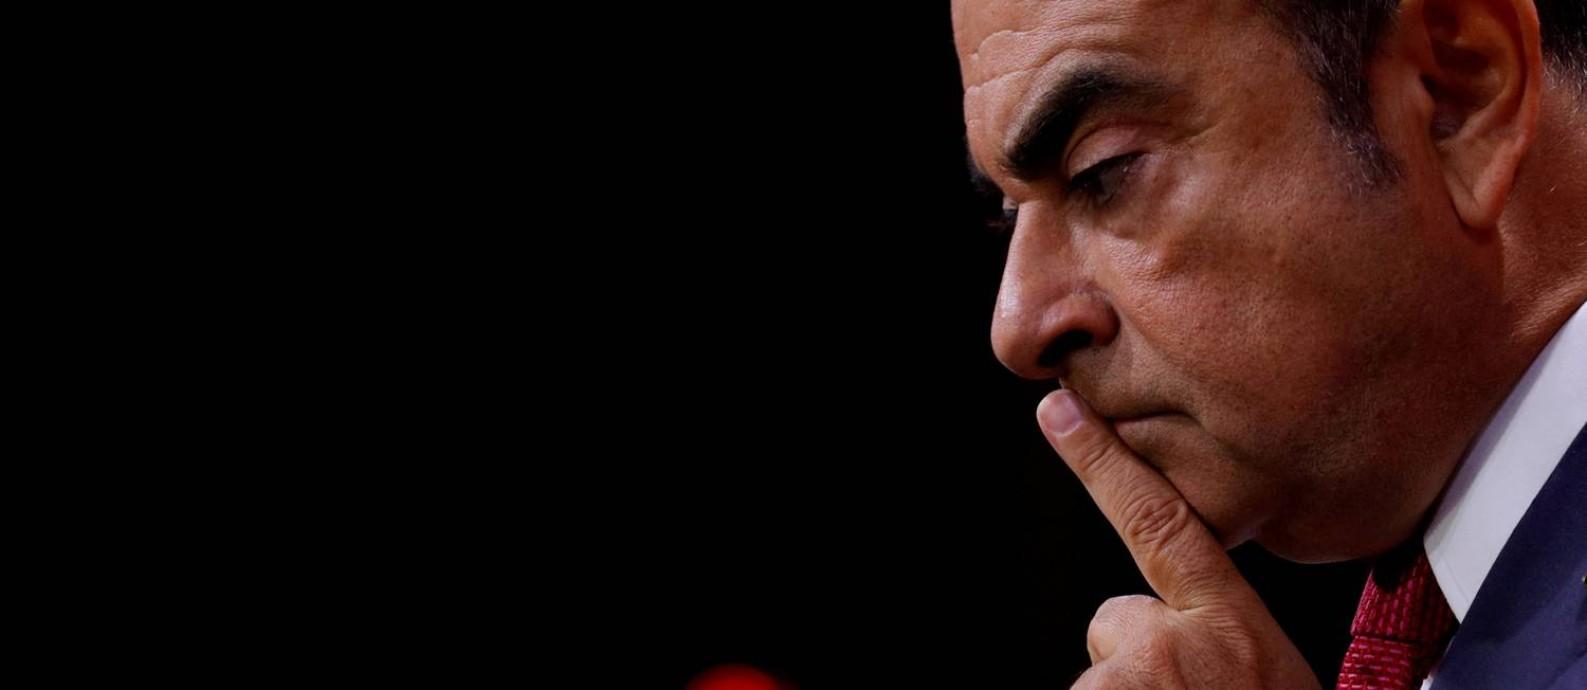 A queda do ex-titã da indústria automobilística Carlos Ghosn é descrita por jornalistas franceses Foto: Philippe Wojazer/15-9-2017 / Reuters